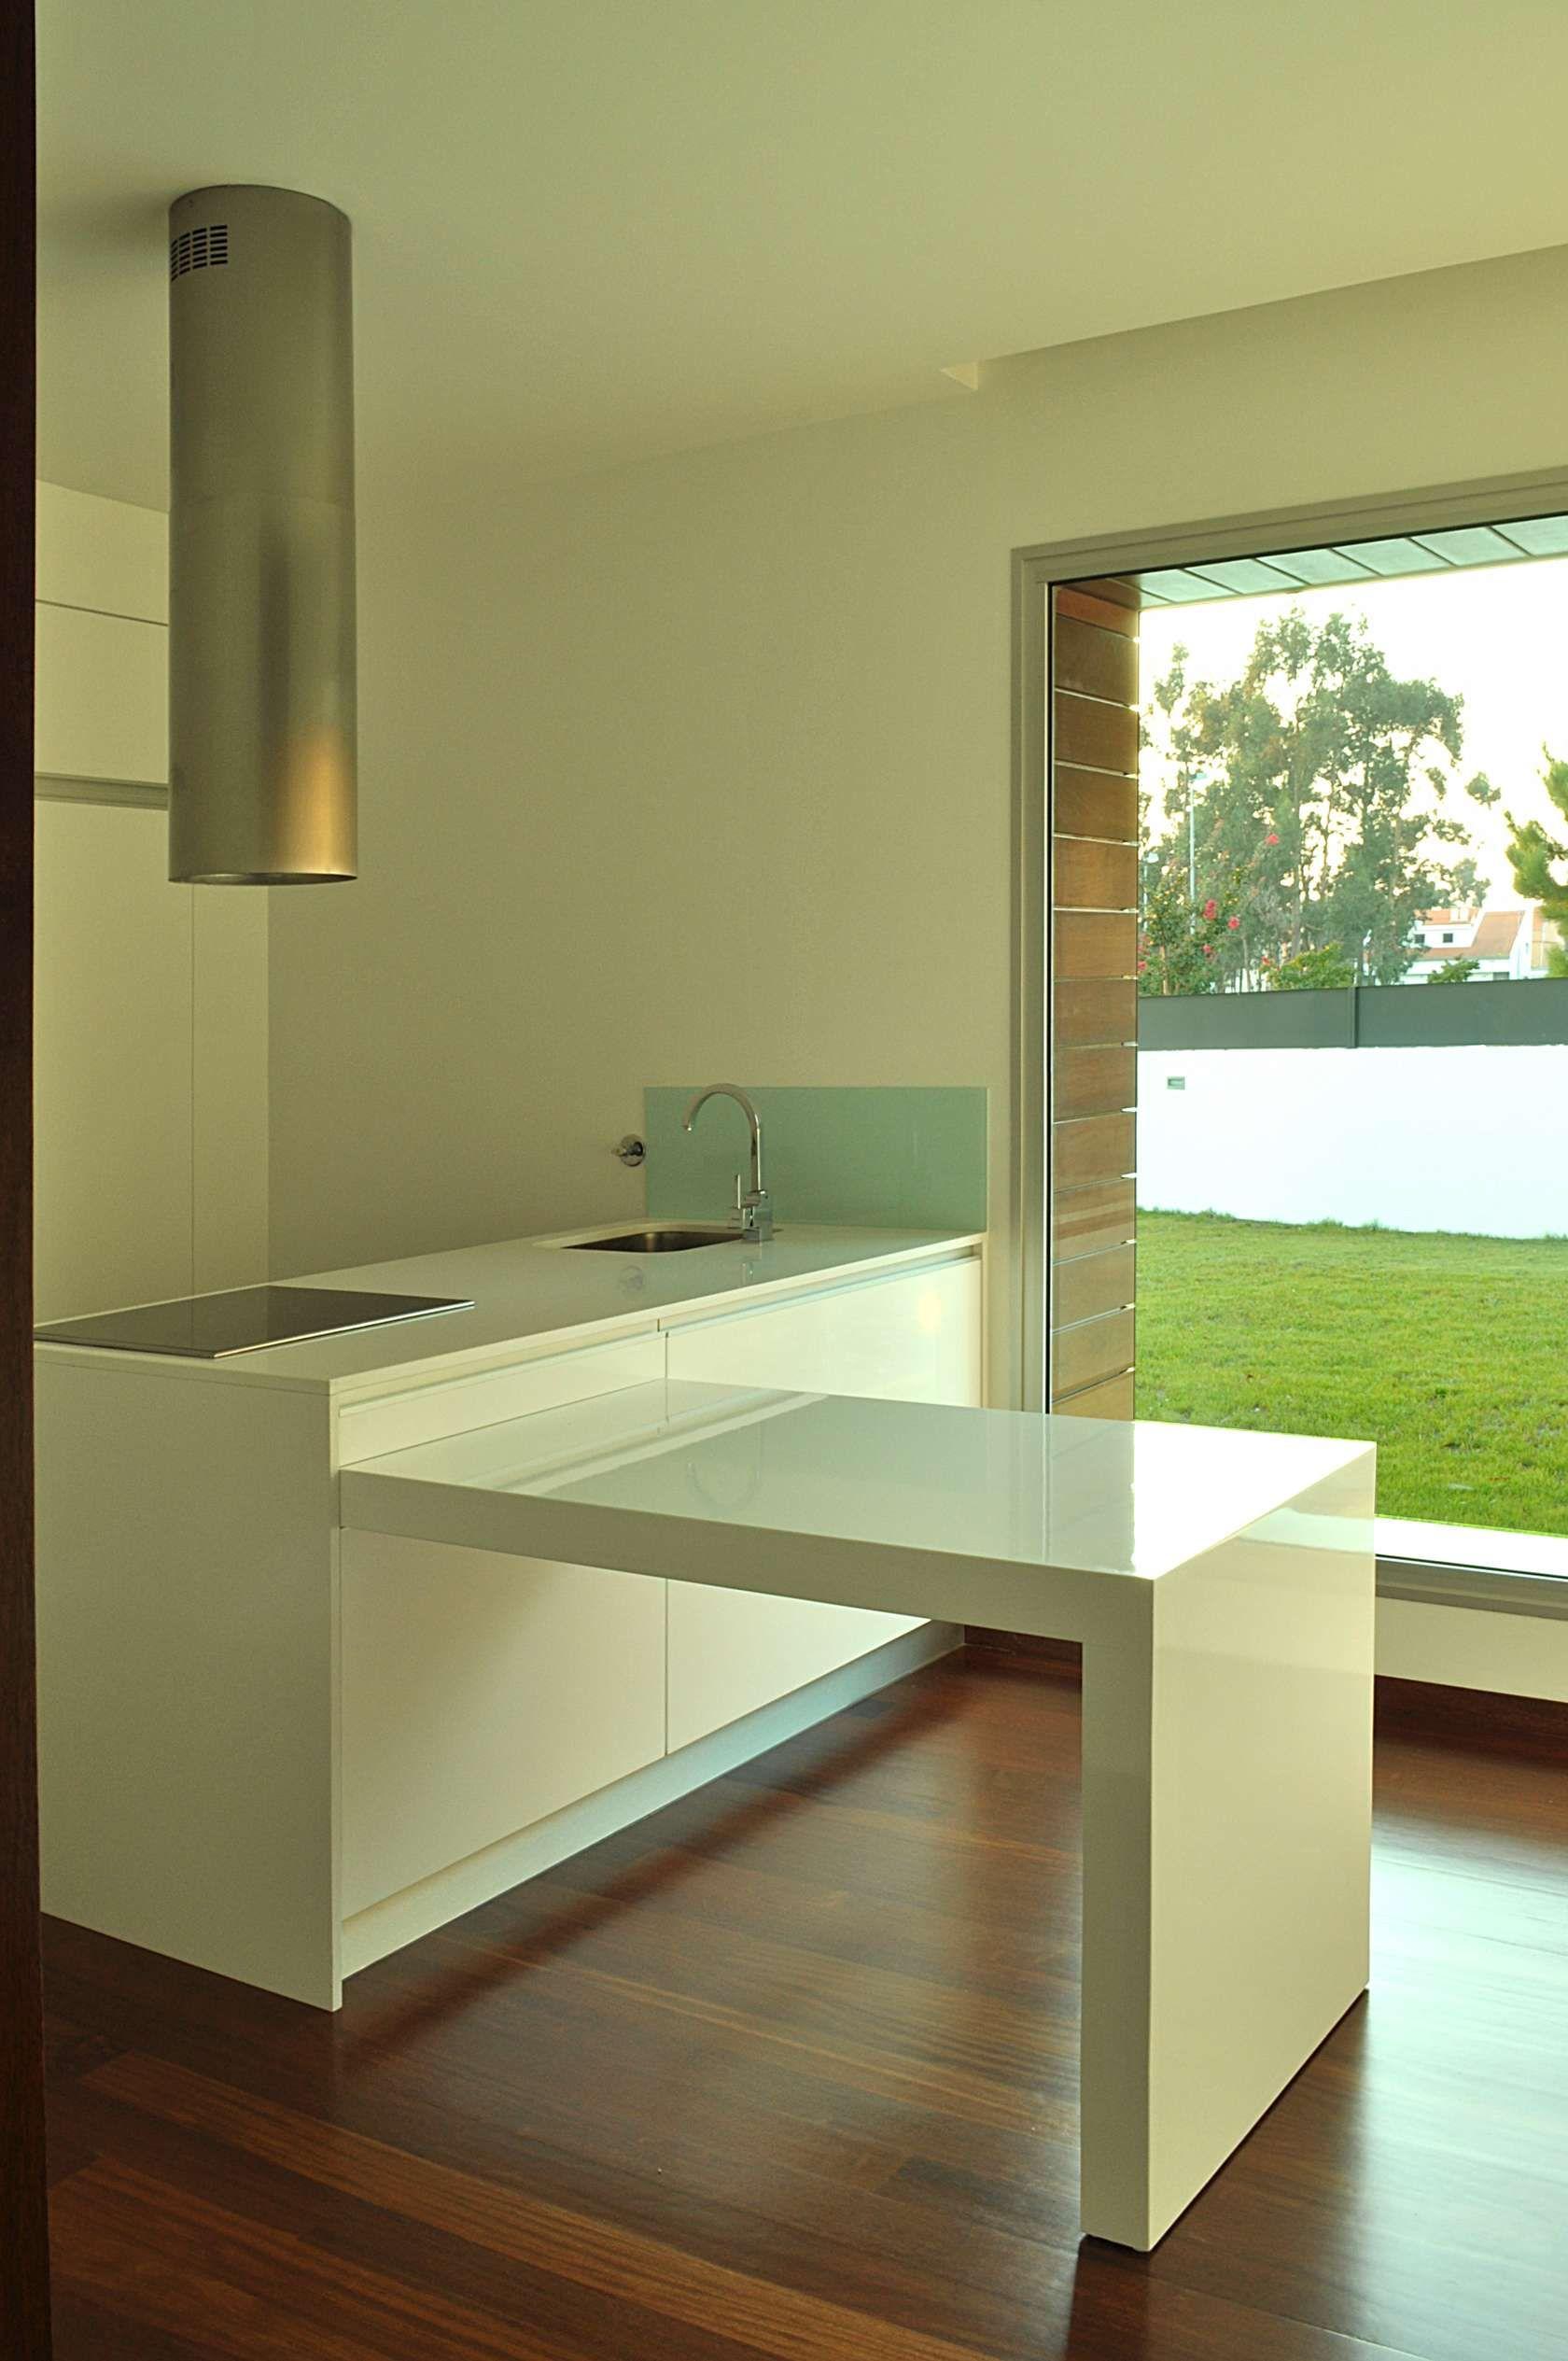 Diseño de casa cuadrada pequeña de dos pisos, construida en hormigón ...